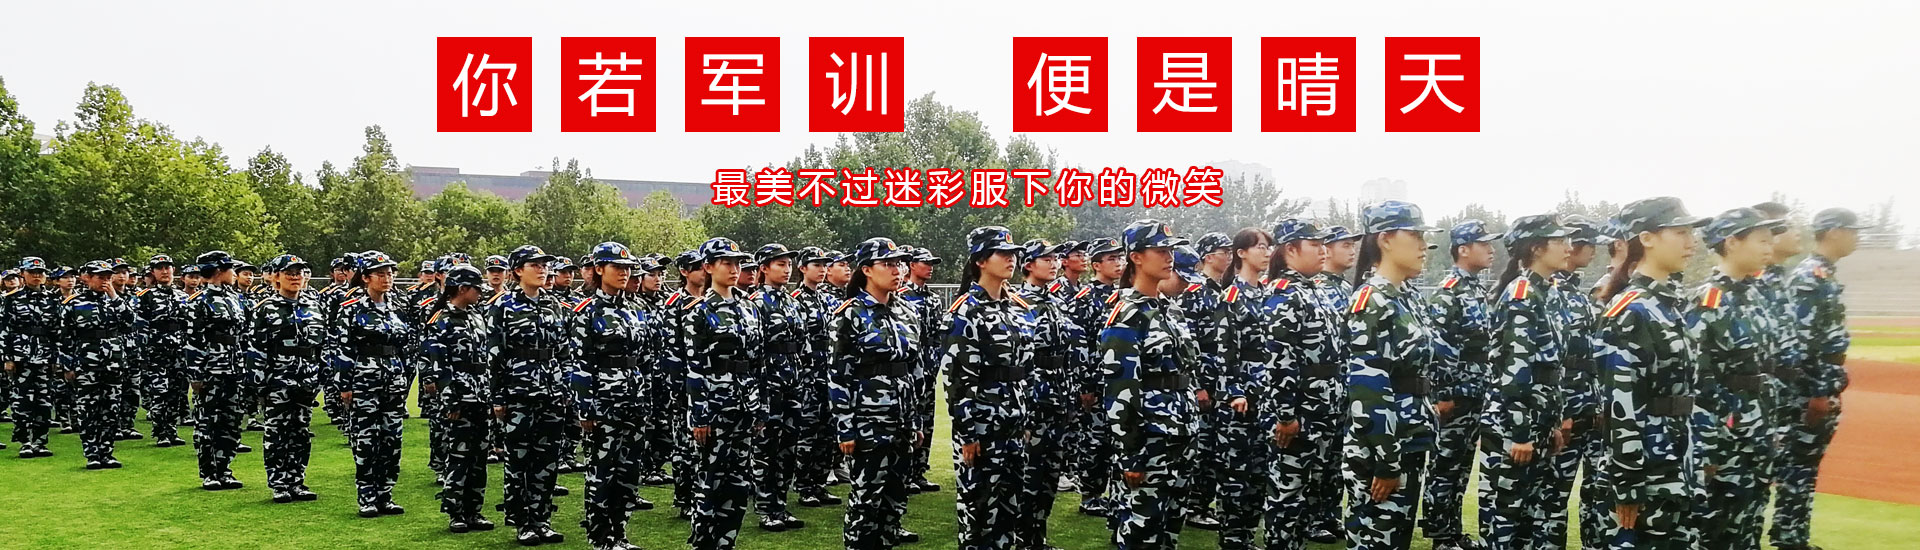 云南学生军训培训基地